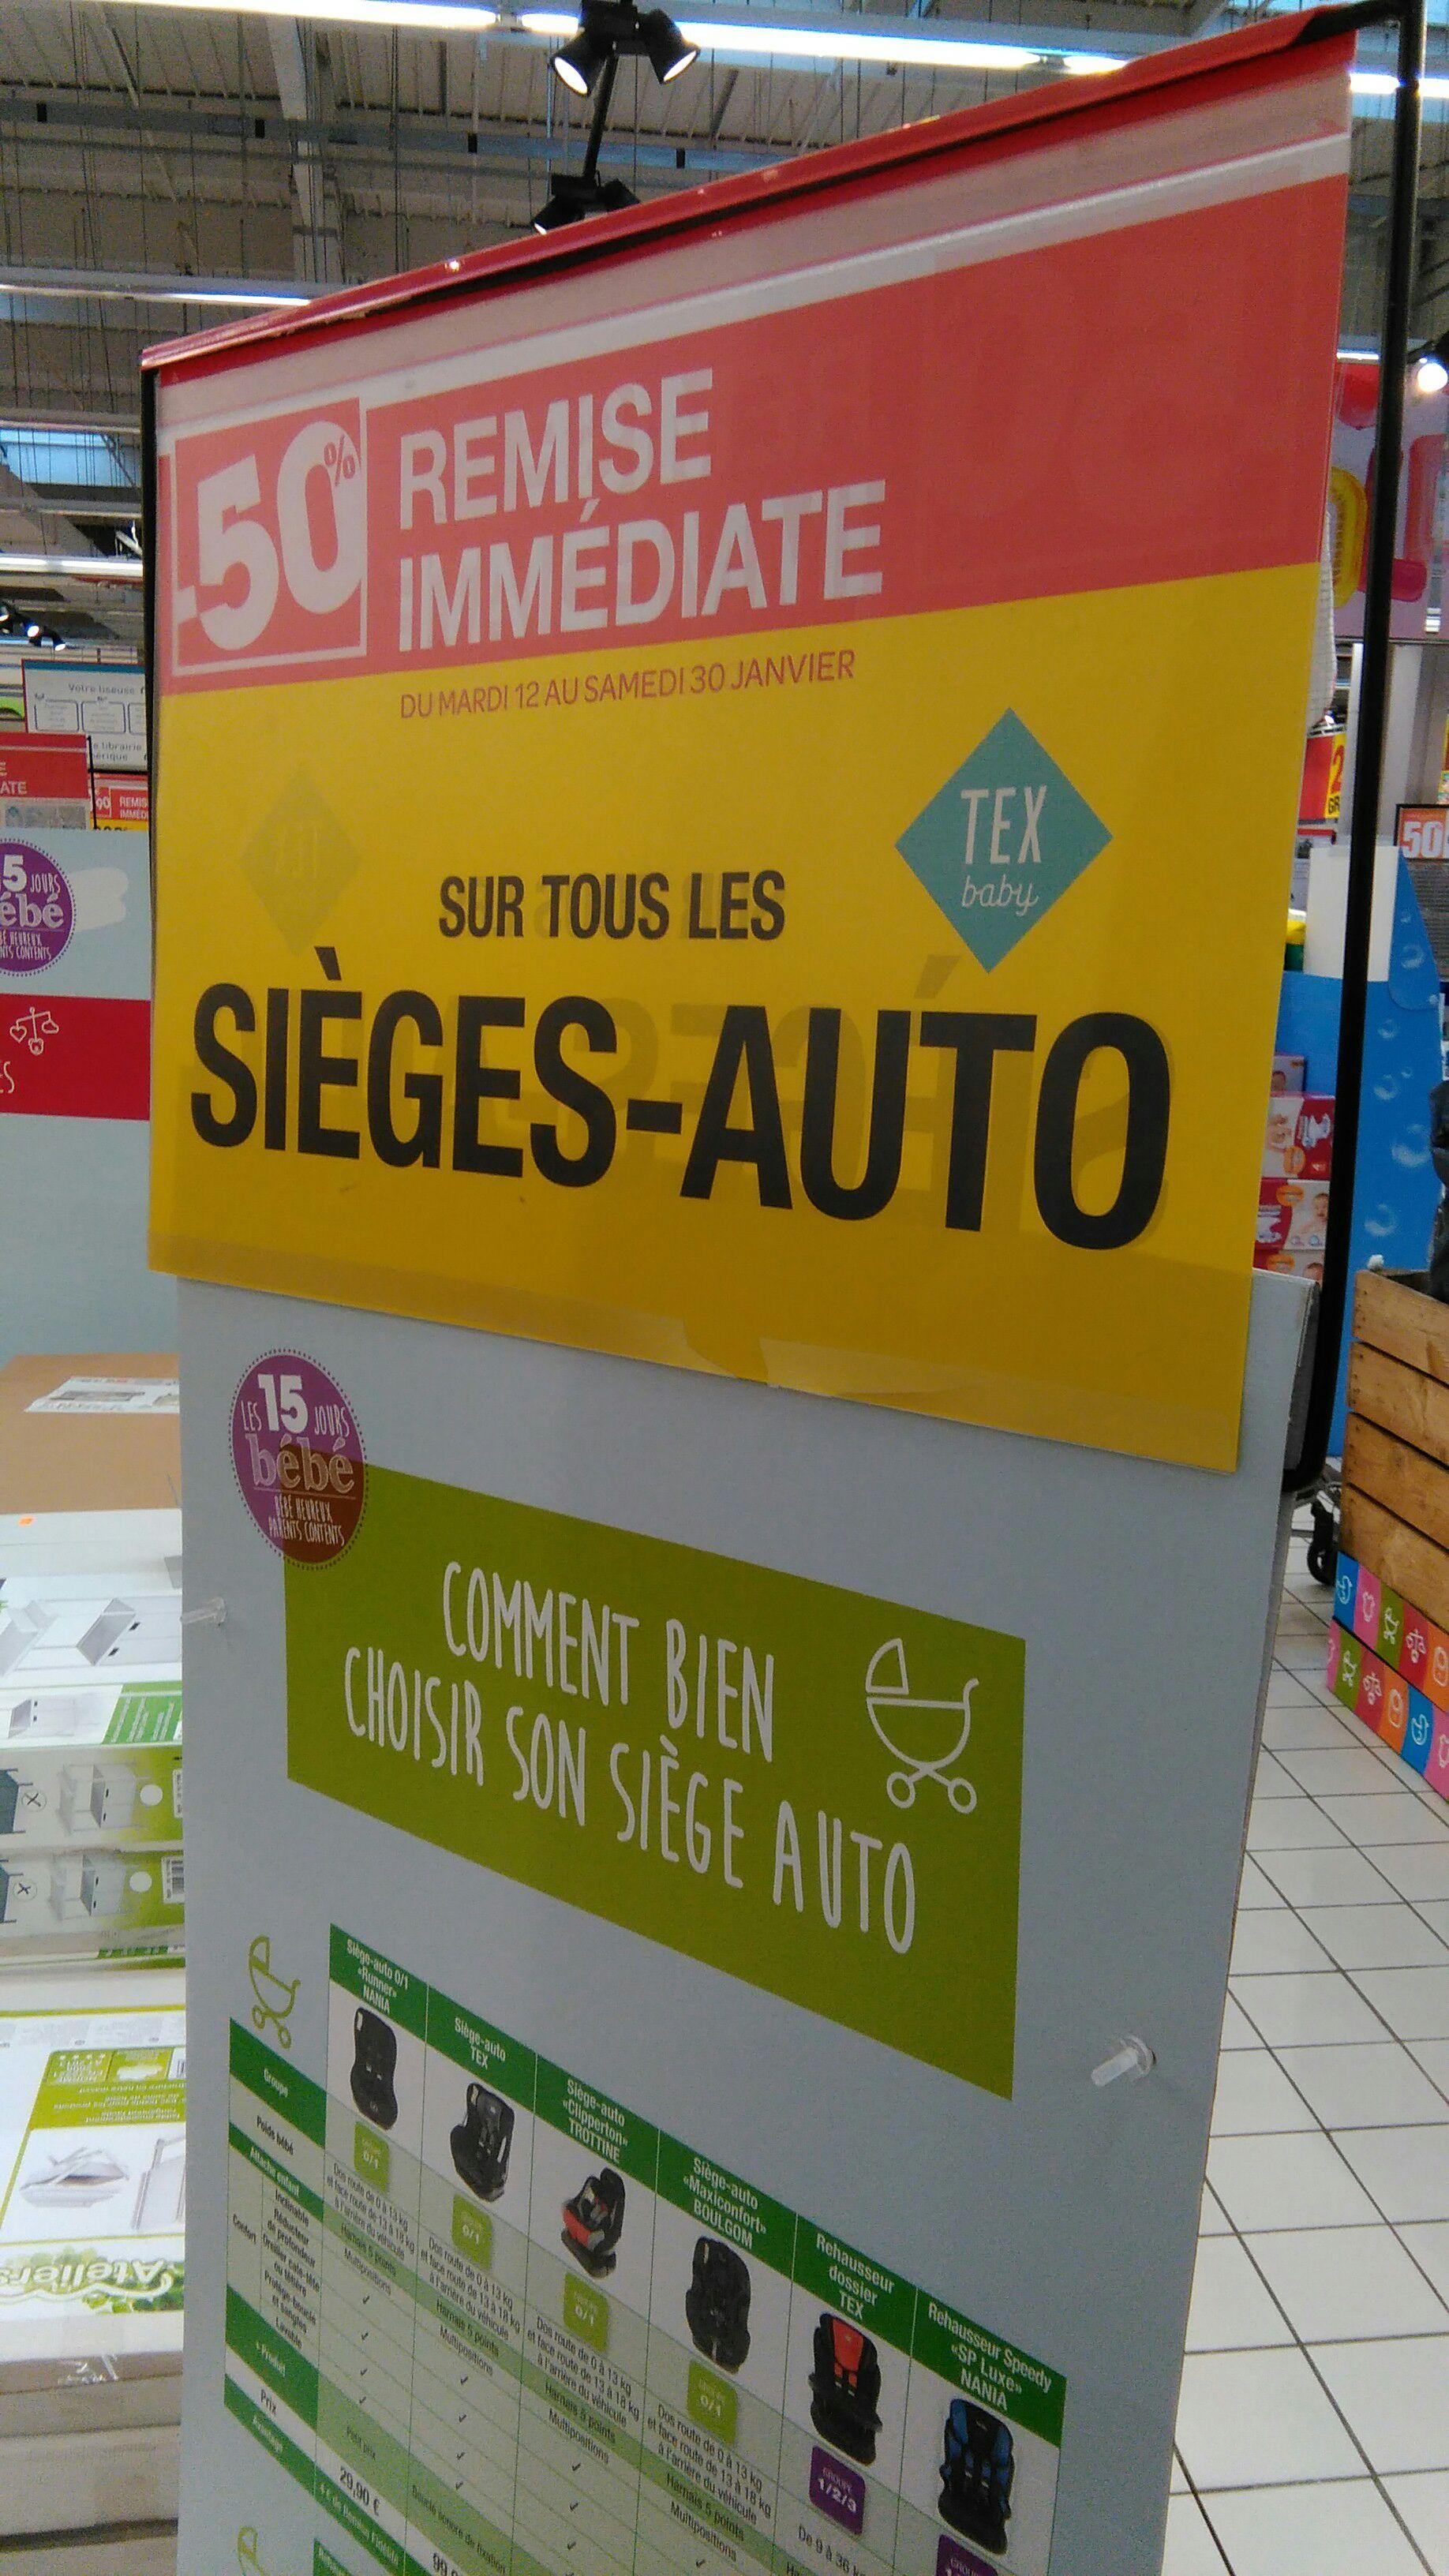 50% de réduction sur les Sièges autos Tex - Ex : Siège Auto rehausseur Dossier Tex